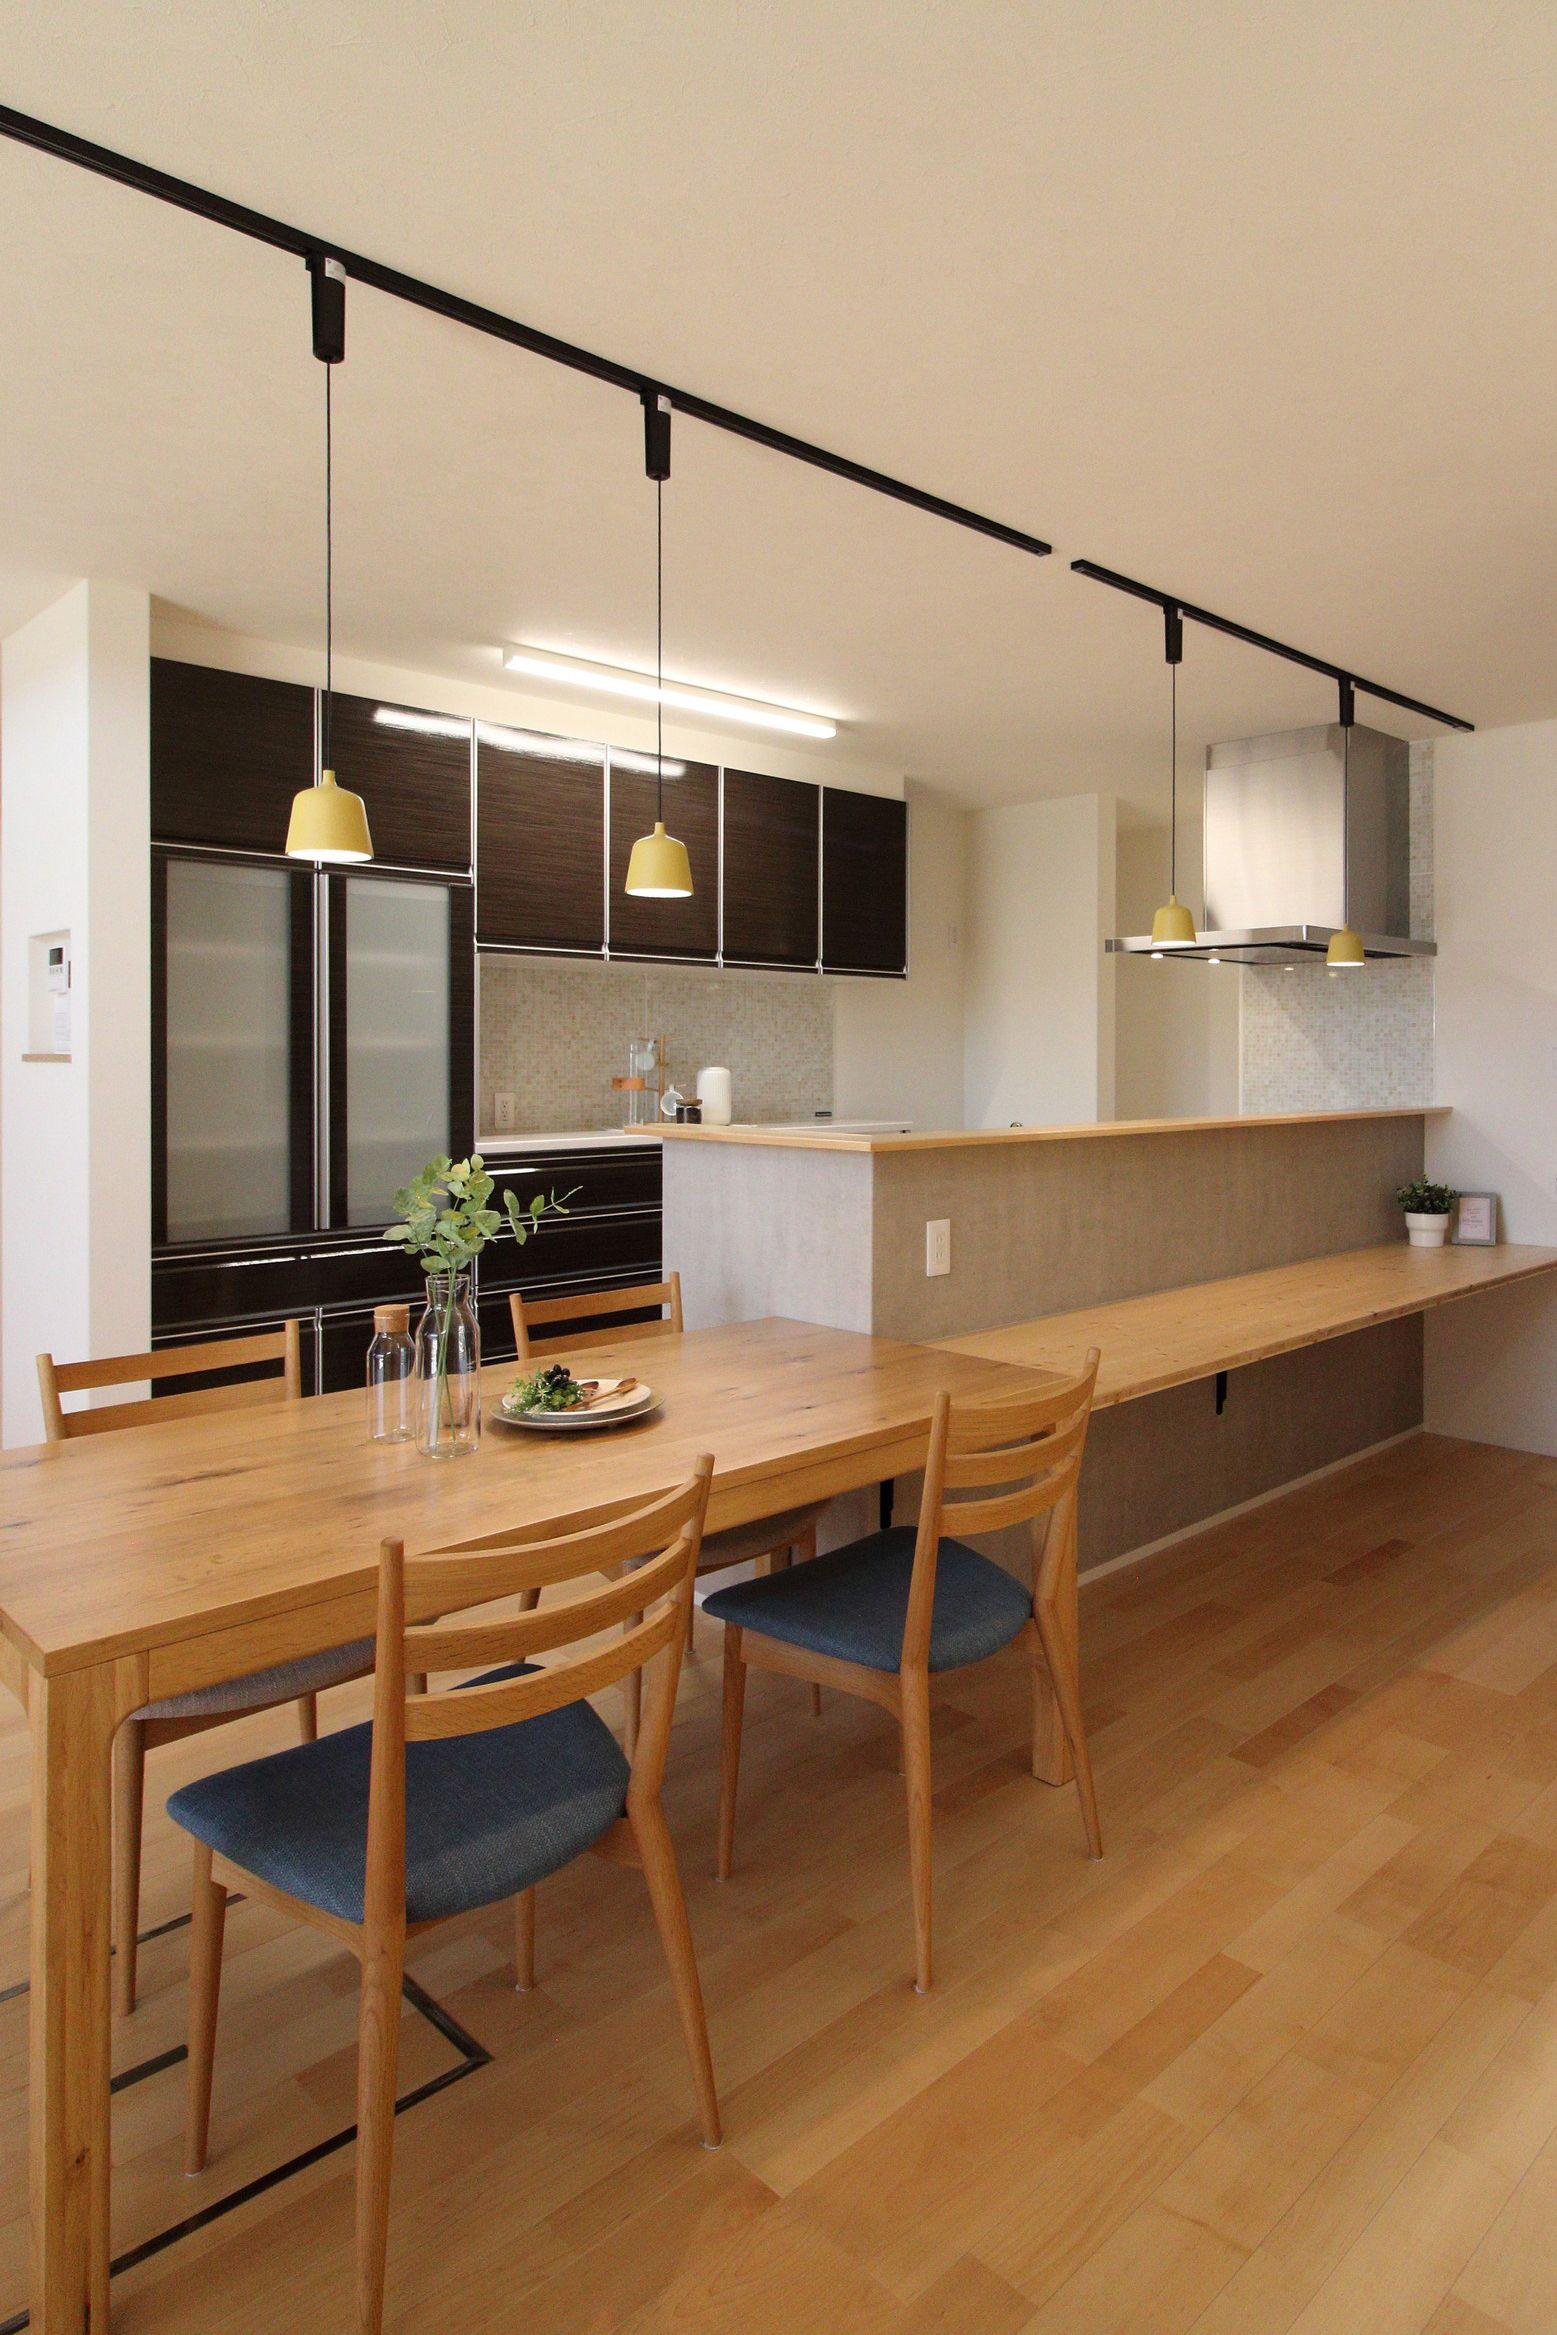 毎日が楽しくなる家 建築工房クーム Cumu 2021 キッチンレイアウト リビング キッチン キッチン ダイニング